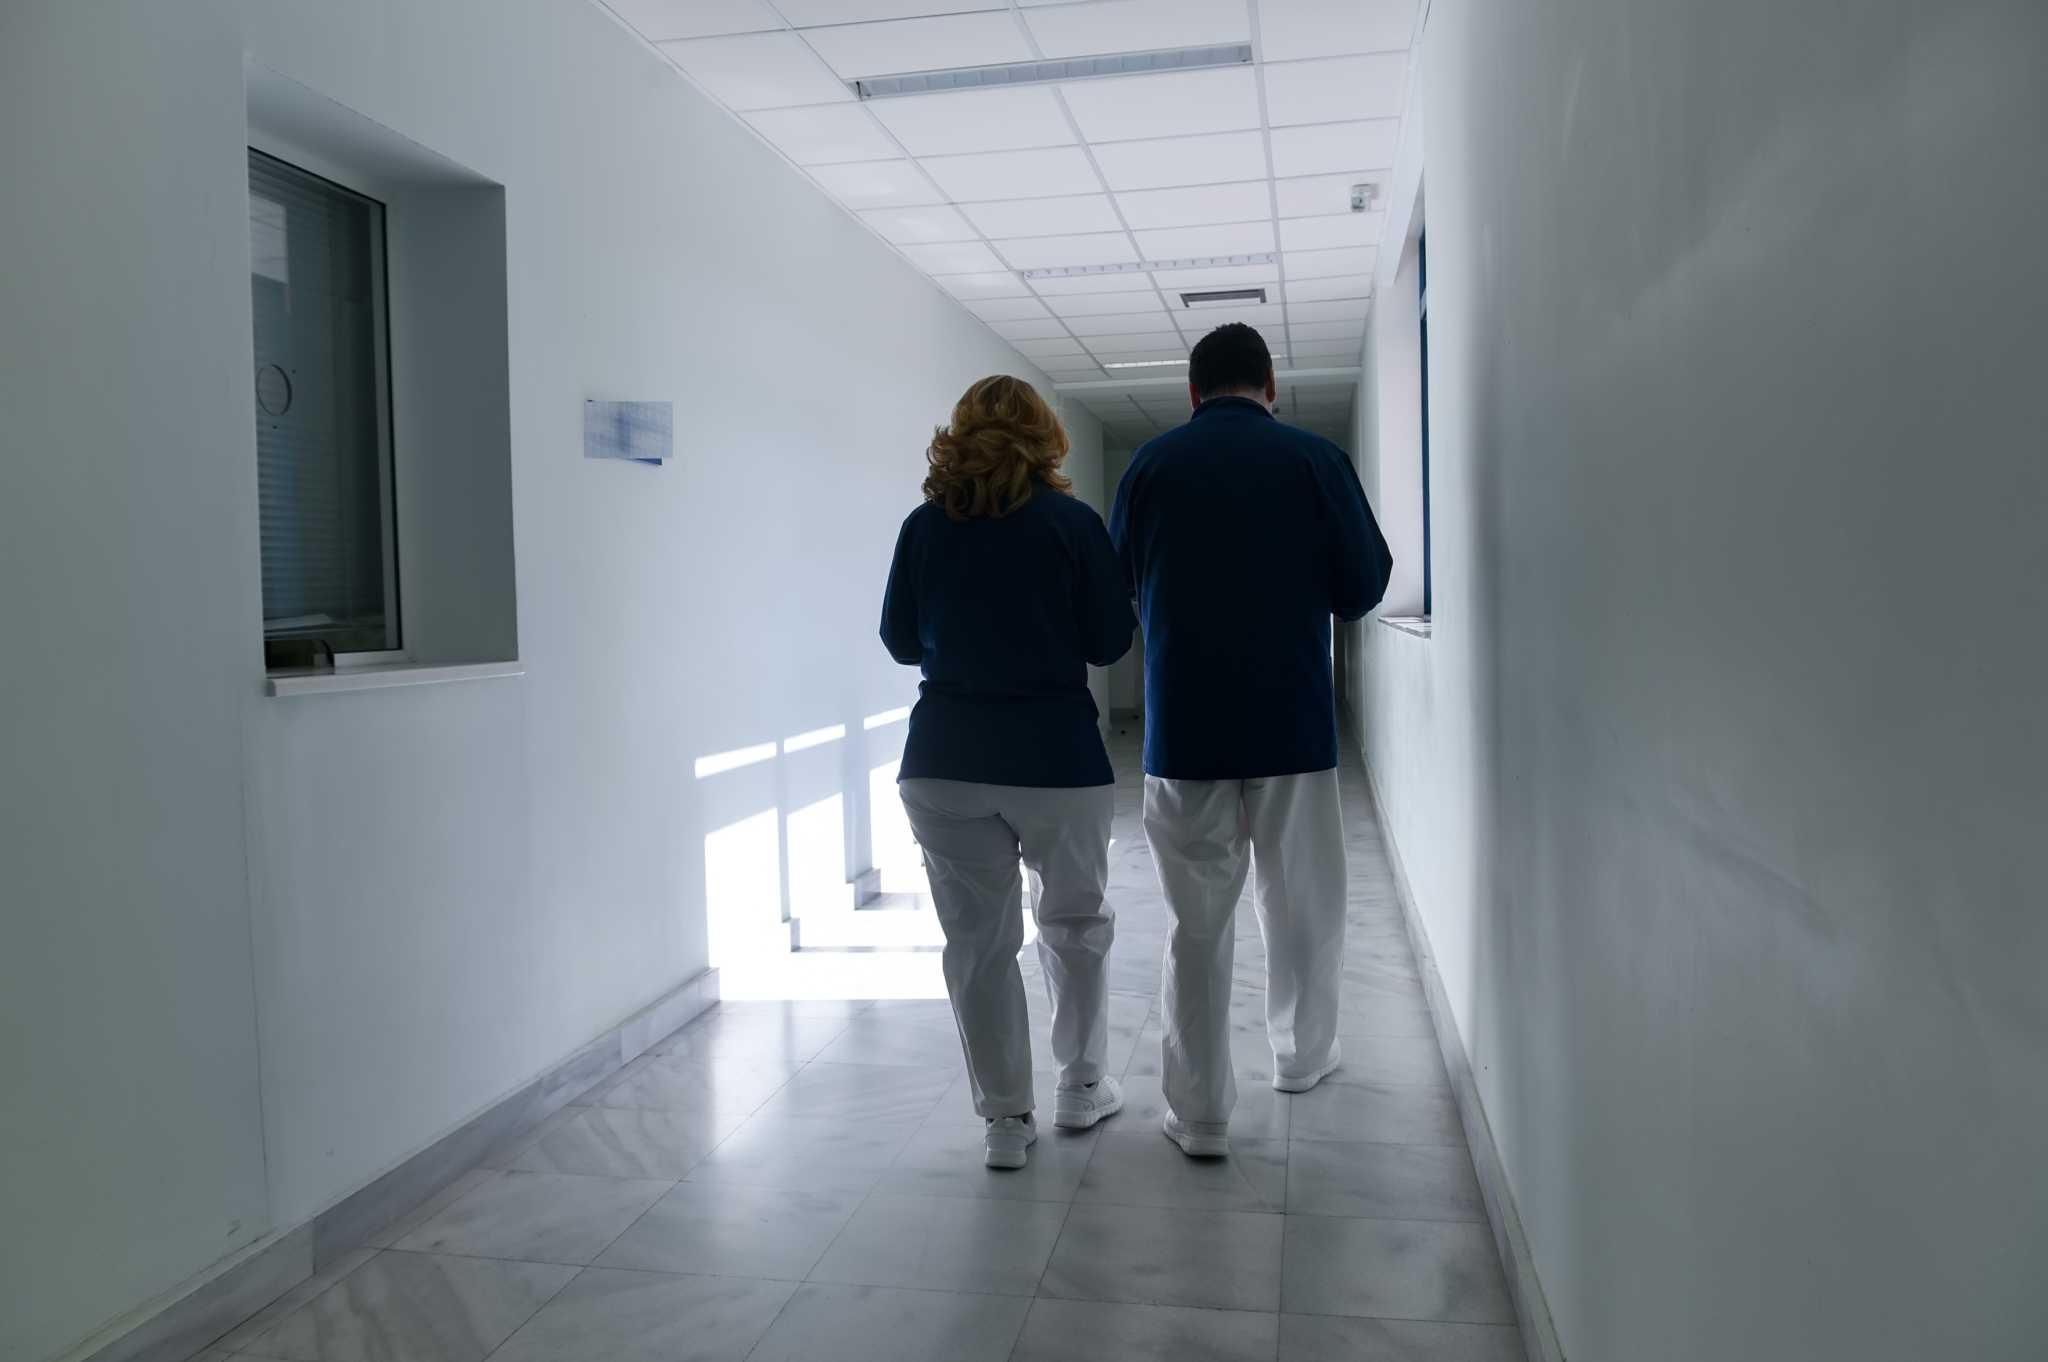 Ρίο: Μωράκι 23 ημερών νοσηλεύεται με κορονοϊό